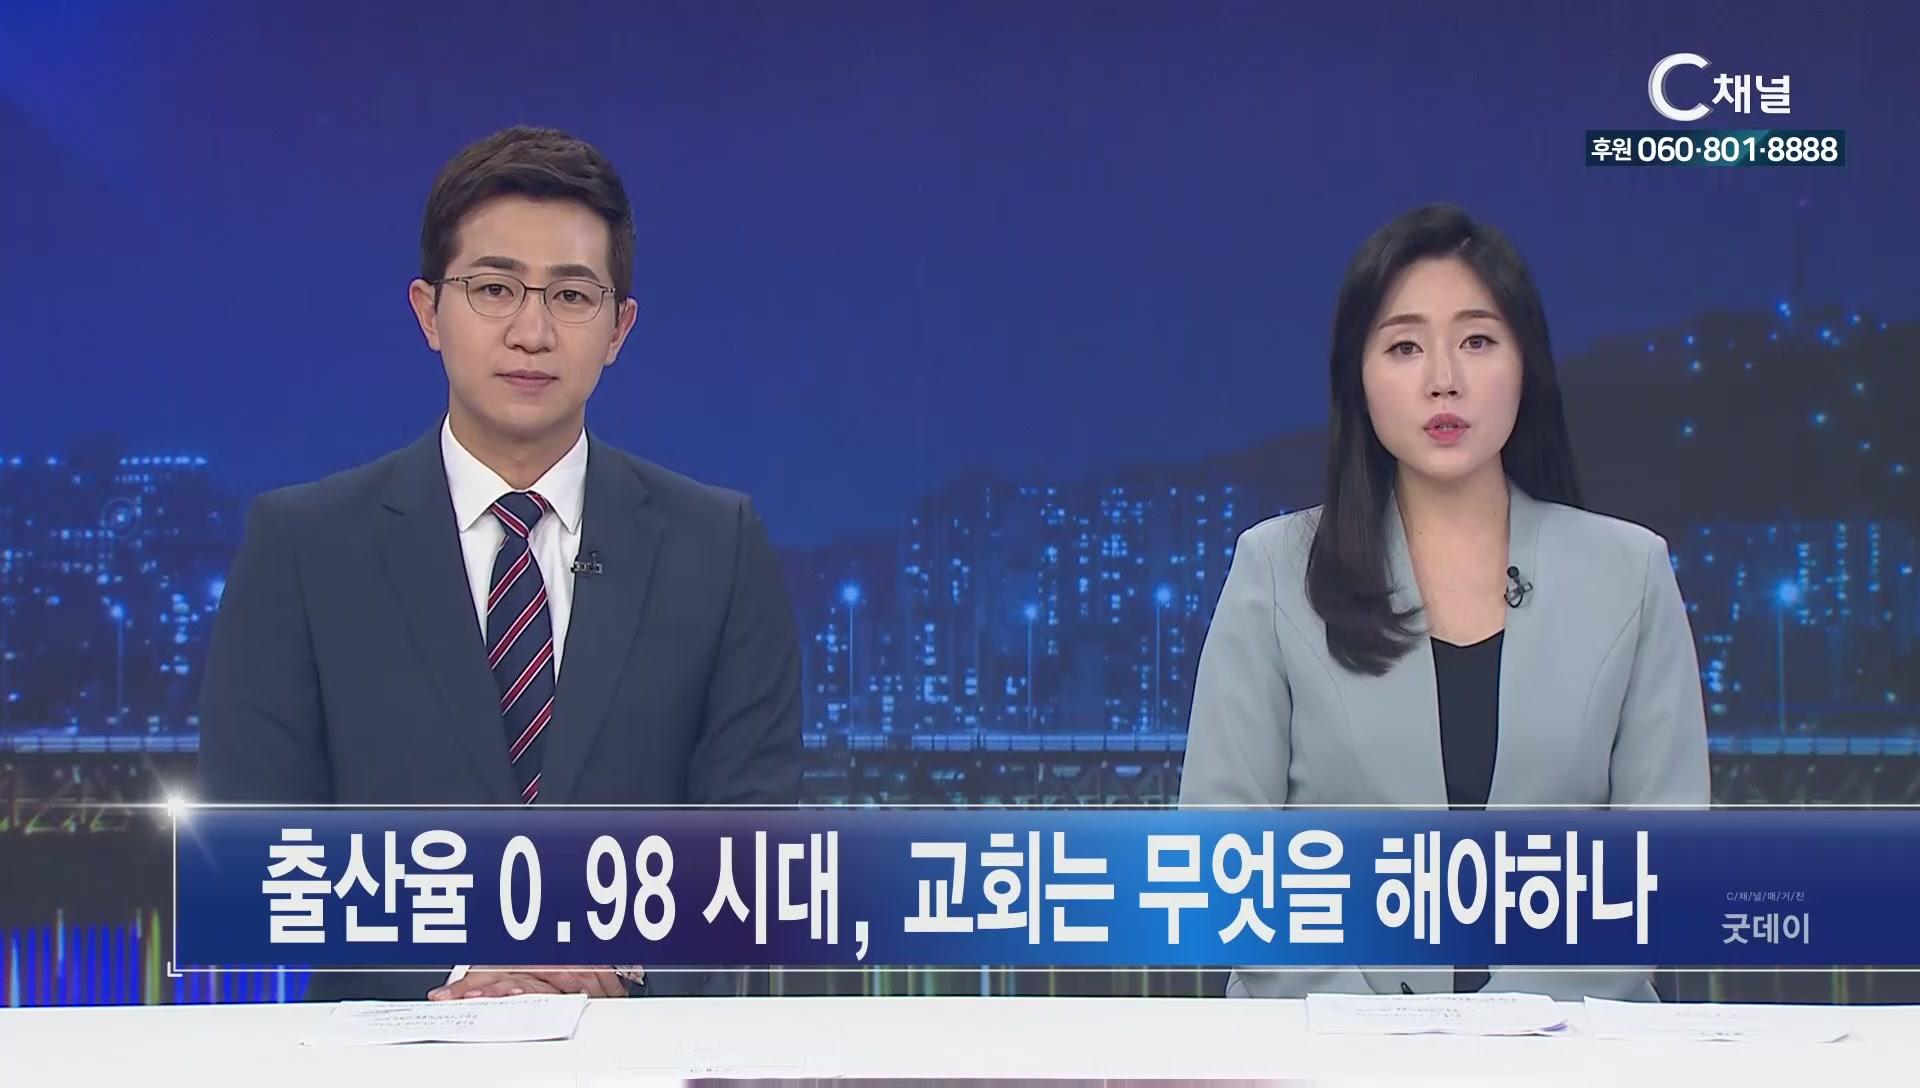 C채널 매거진 굿데이 2019년 06월 11일 C채널 뉴스